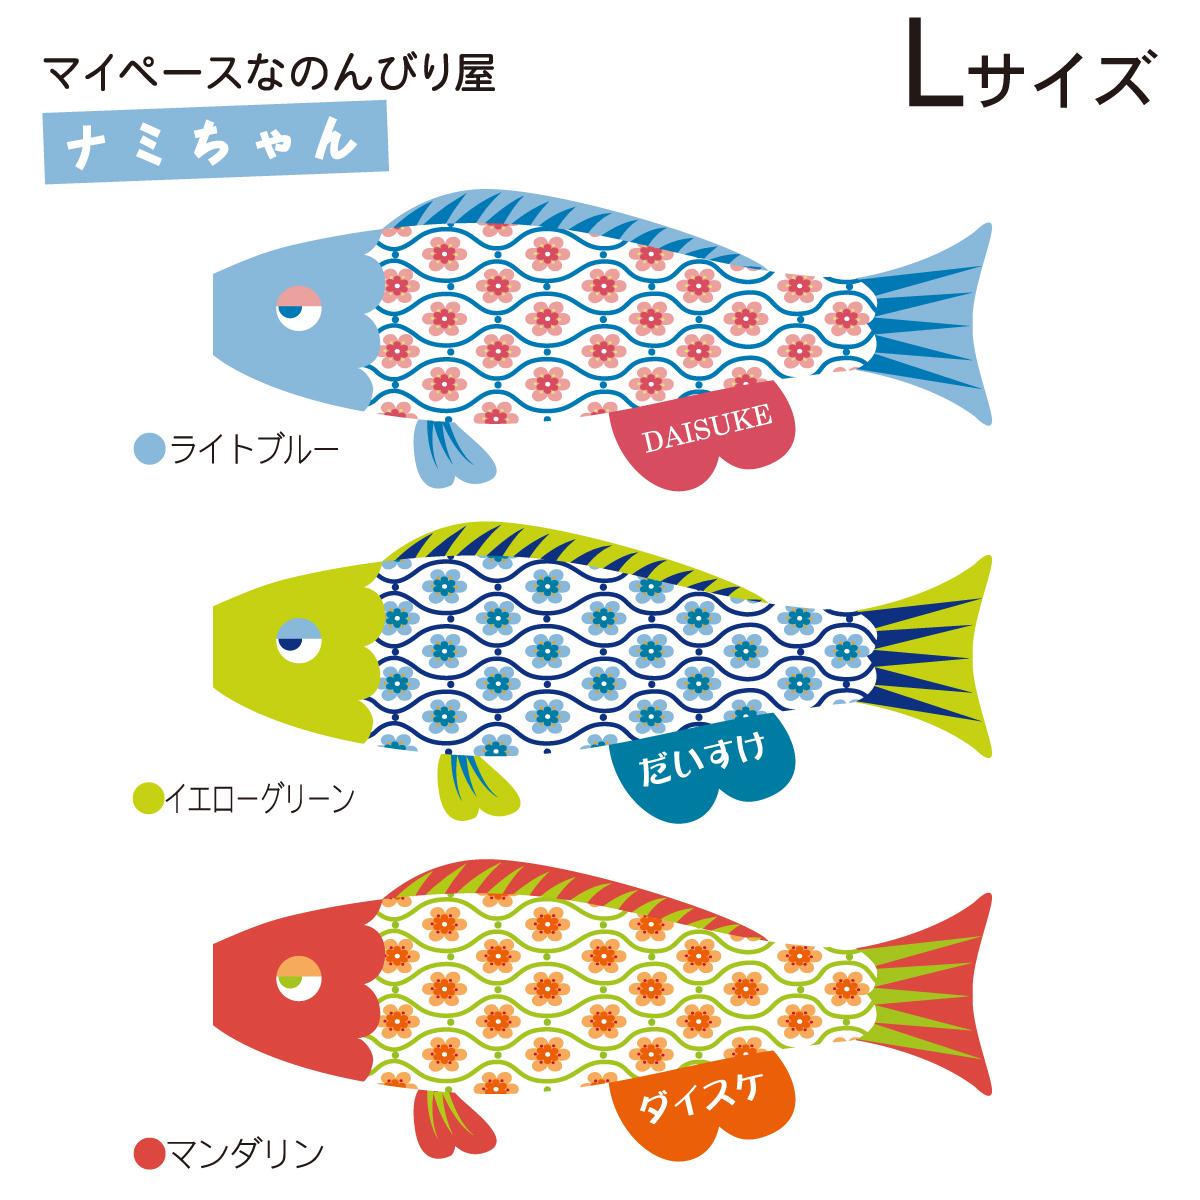 室内用 こいのぼり Puca プーカ ナミちゃん Lサイズ ライトブルー(600-819)、イエローグリーン(600-822)、マンダリン(600-825) ※名入れ対応(ローマ字、ひらがな、カタカナ) 室内鯉のぼり ベランダ かわいい おしゃれ